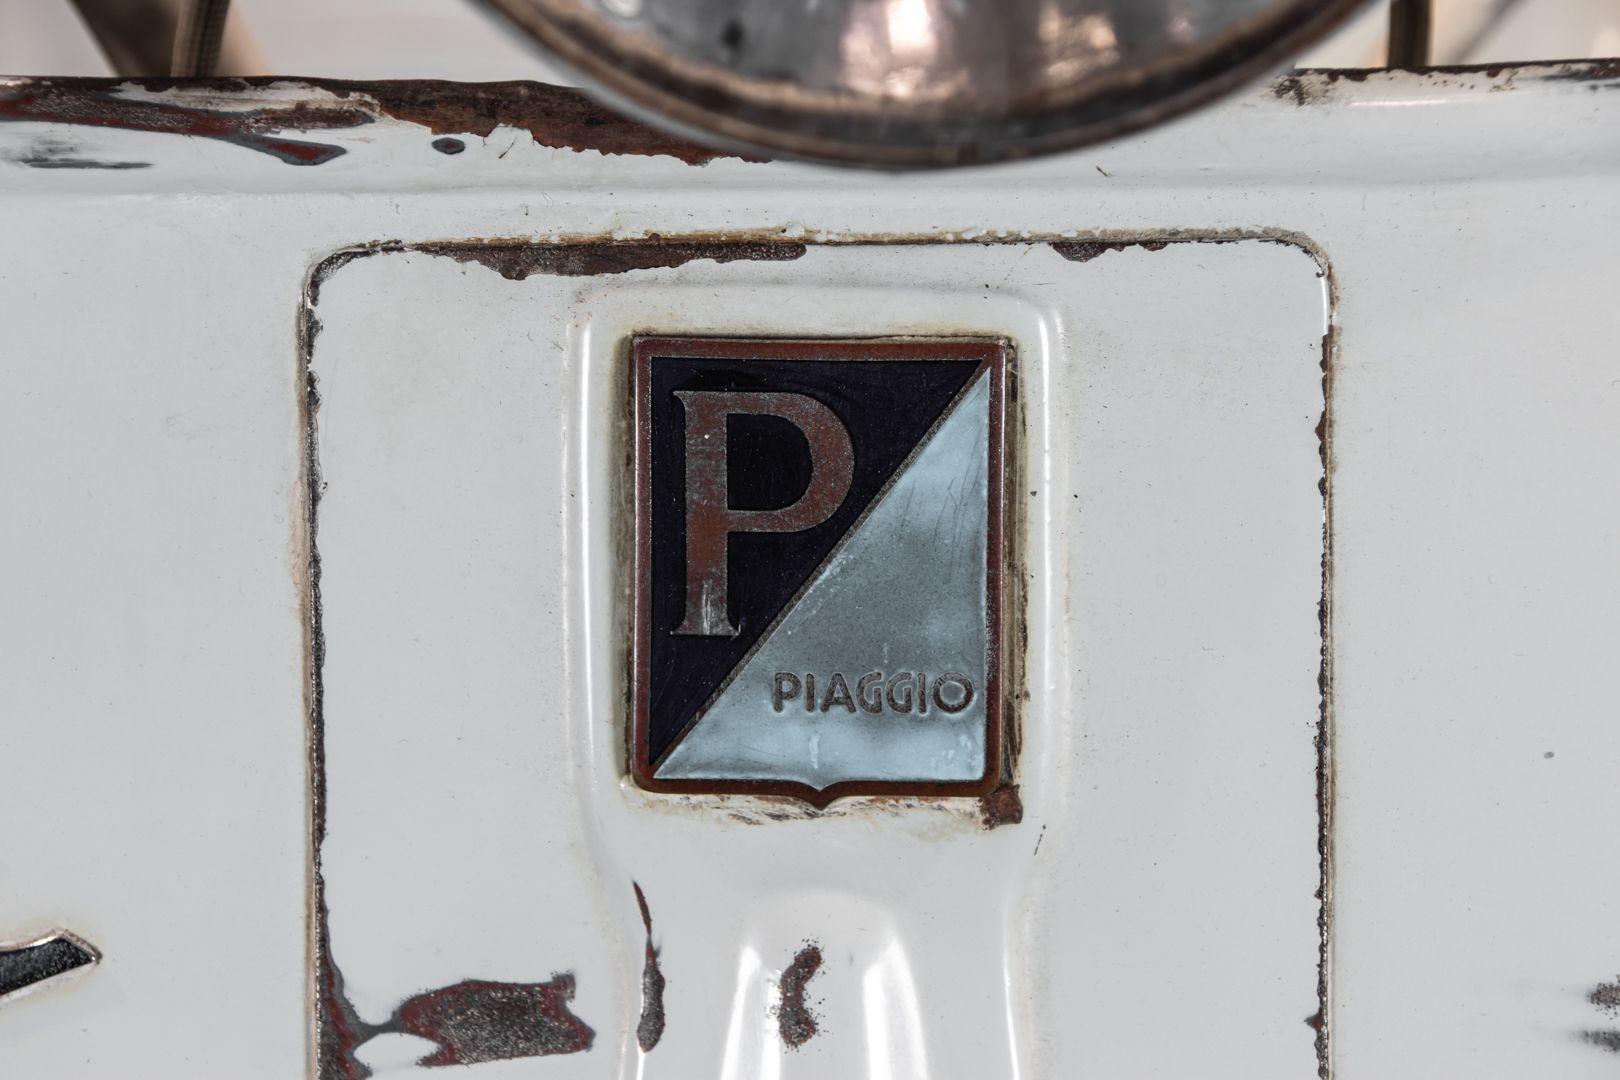 1956 Piaggio Vespa 150 VL3T 71460